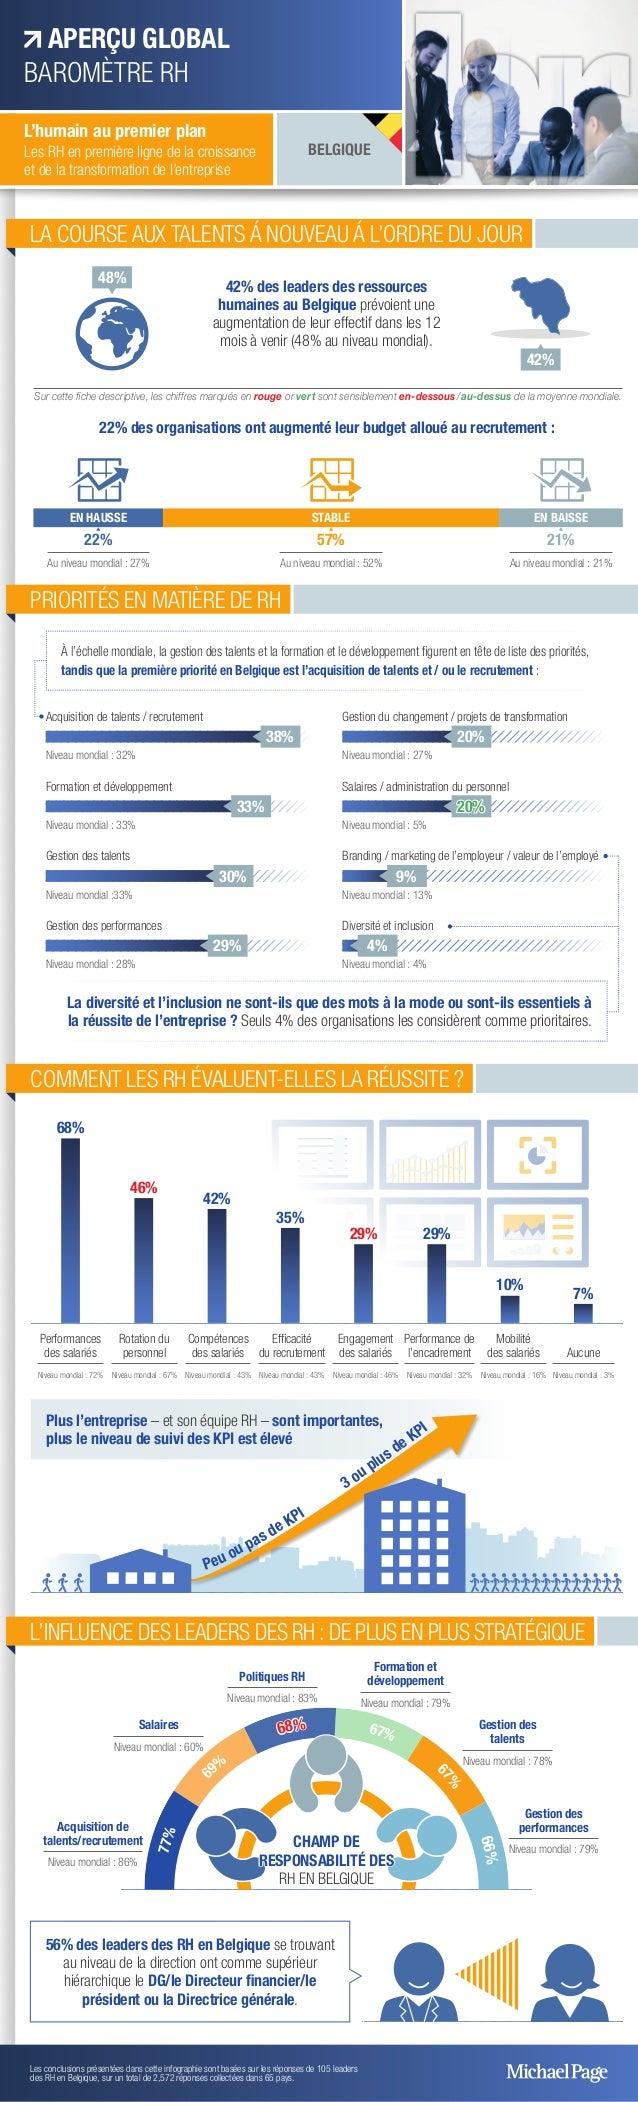 22% Au niveau mondial : 27% 57% Au niveau mondial : 52% 21% Au niveau mondial : 21% EN HAUSSE STABLE EN BAISSE 68% 46% 29%...